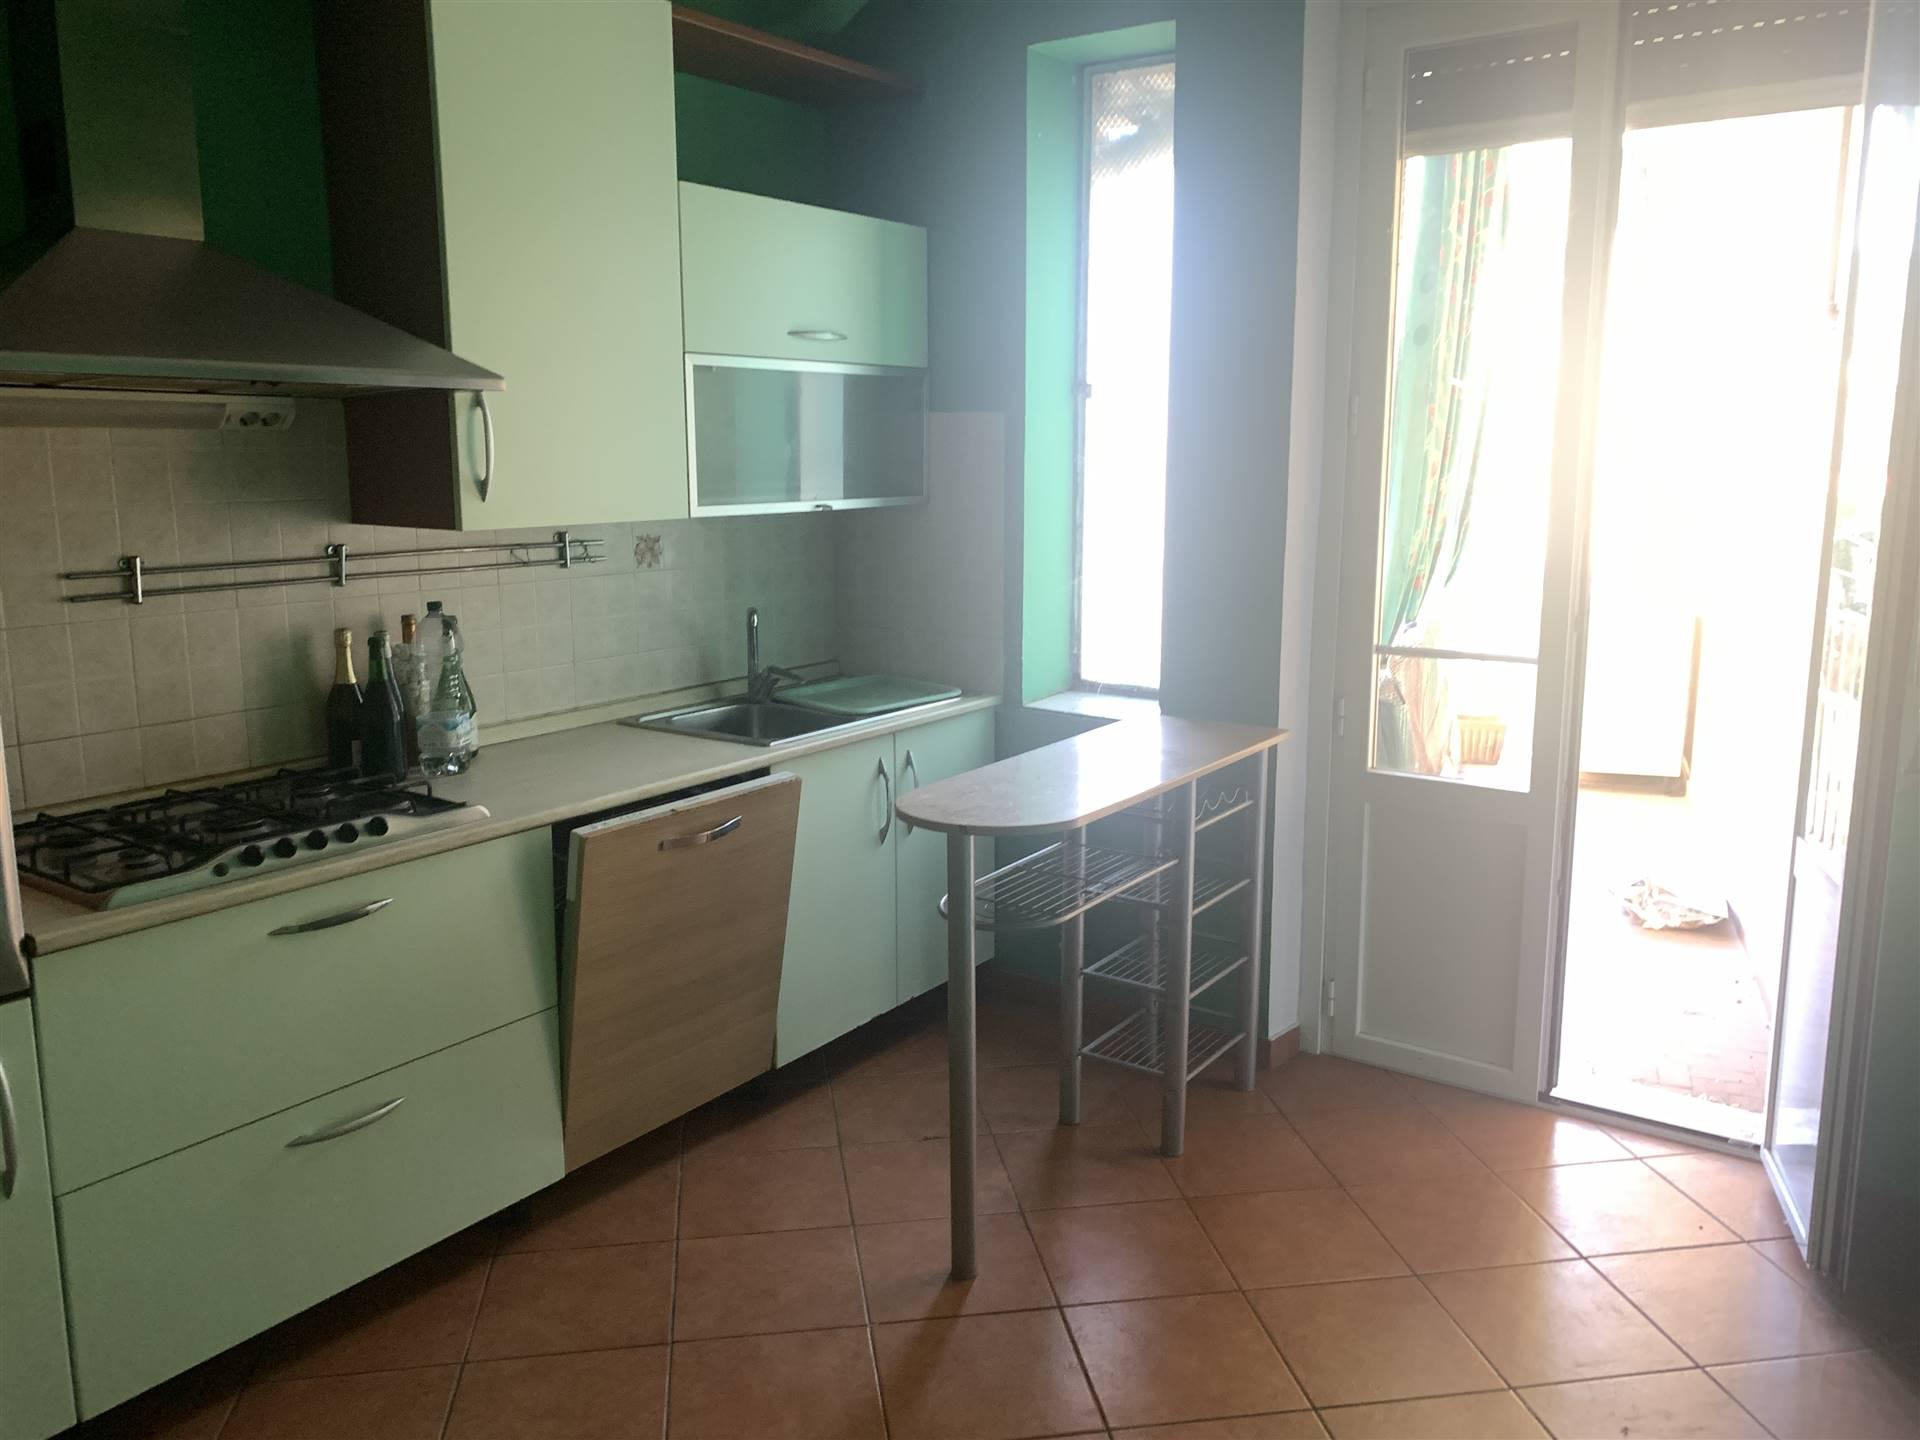 Appartamento in vendita a Novi Ligure, 5 locali, prezzo € 120.000 | PortaleAgenzieImmobiliari.it